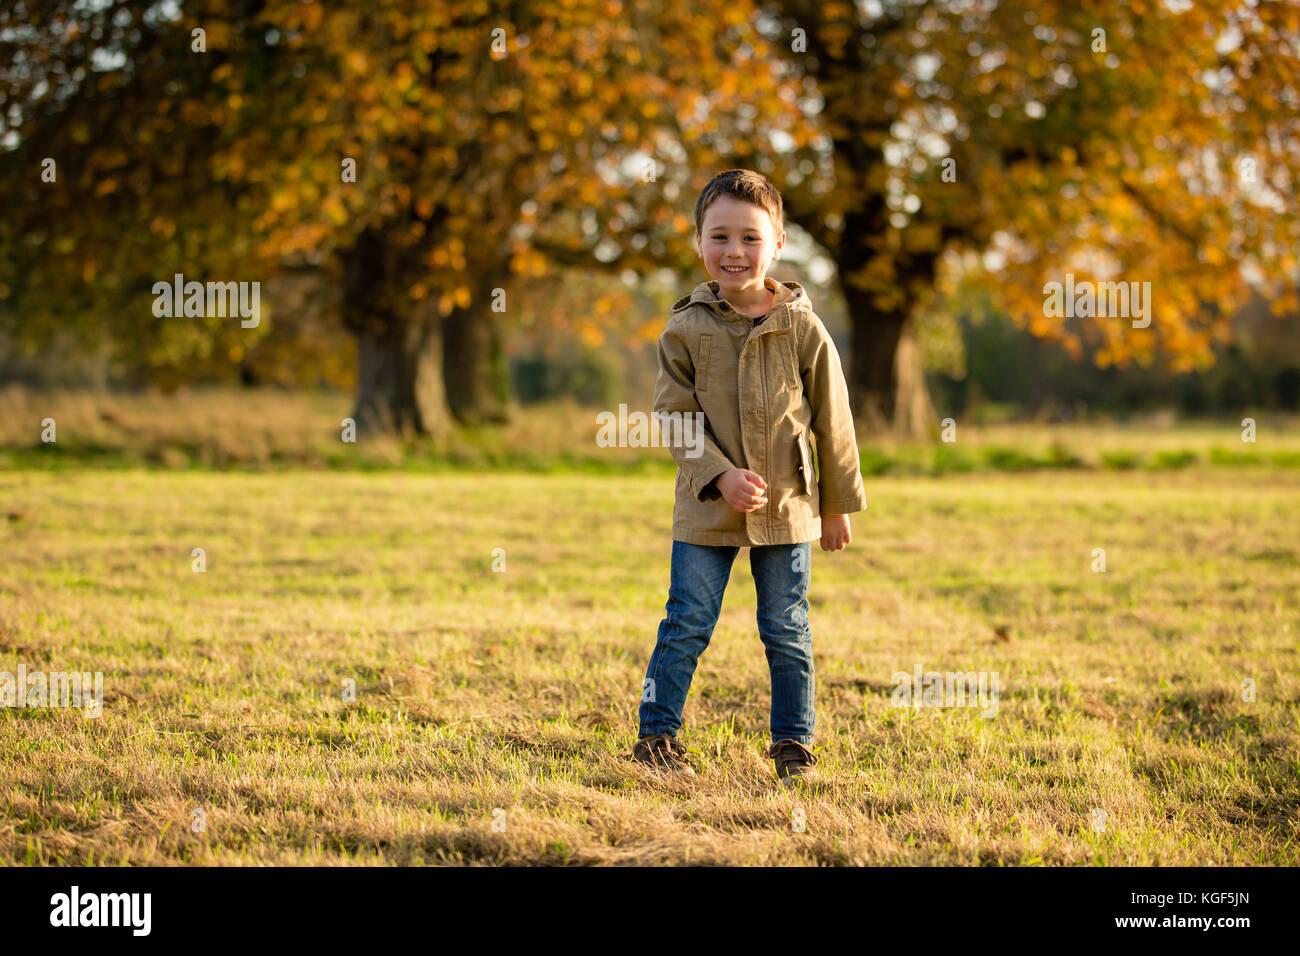 Ragazzo passeggiate nel parco castletown godendo belle novembre meteo con gli alberi decidui versando loro foglie Immagini Stock